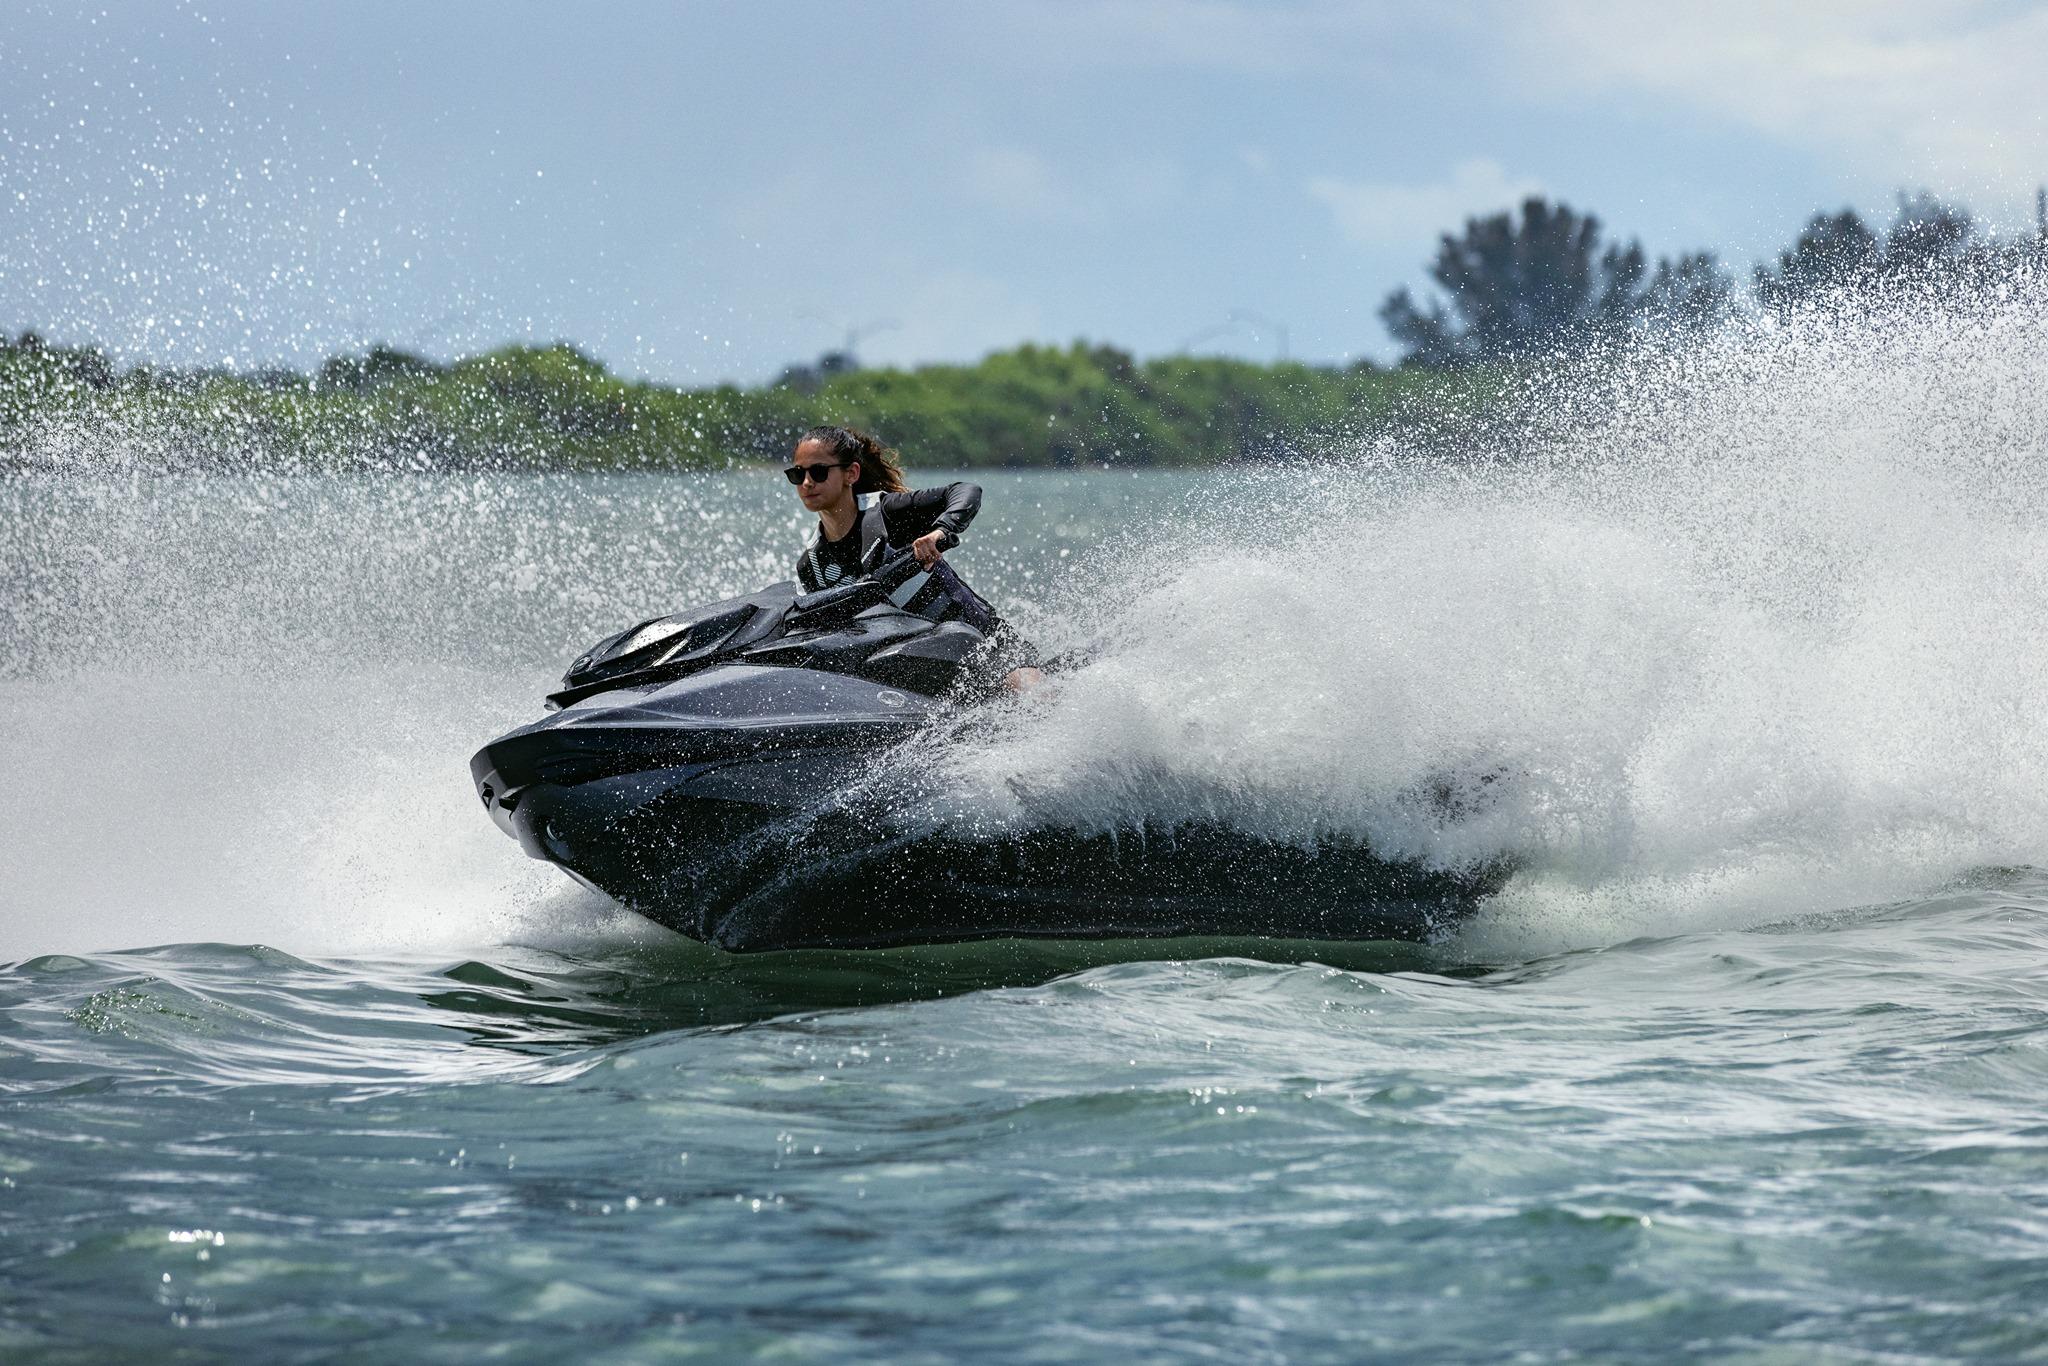 Sea-Doo RXP-X 300 2022 модельного року